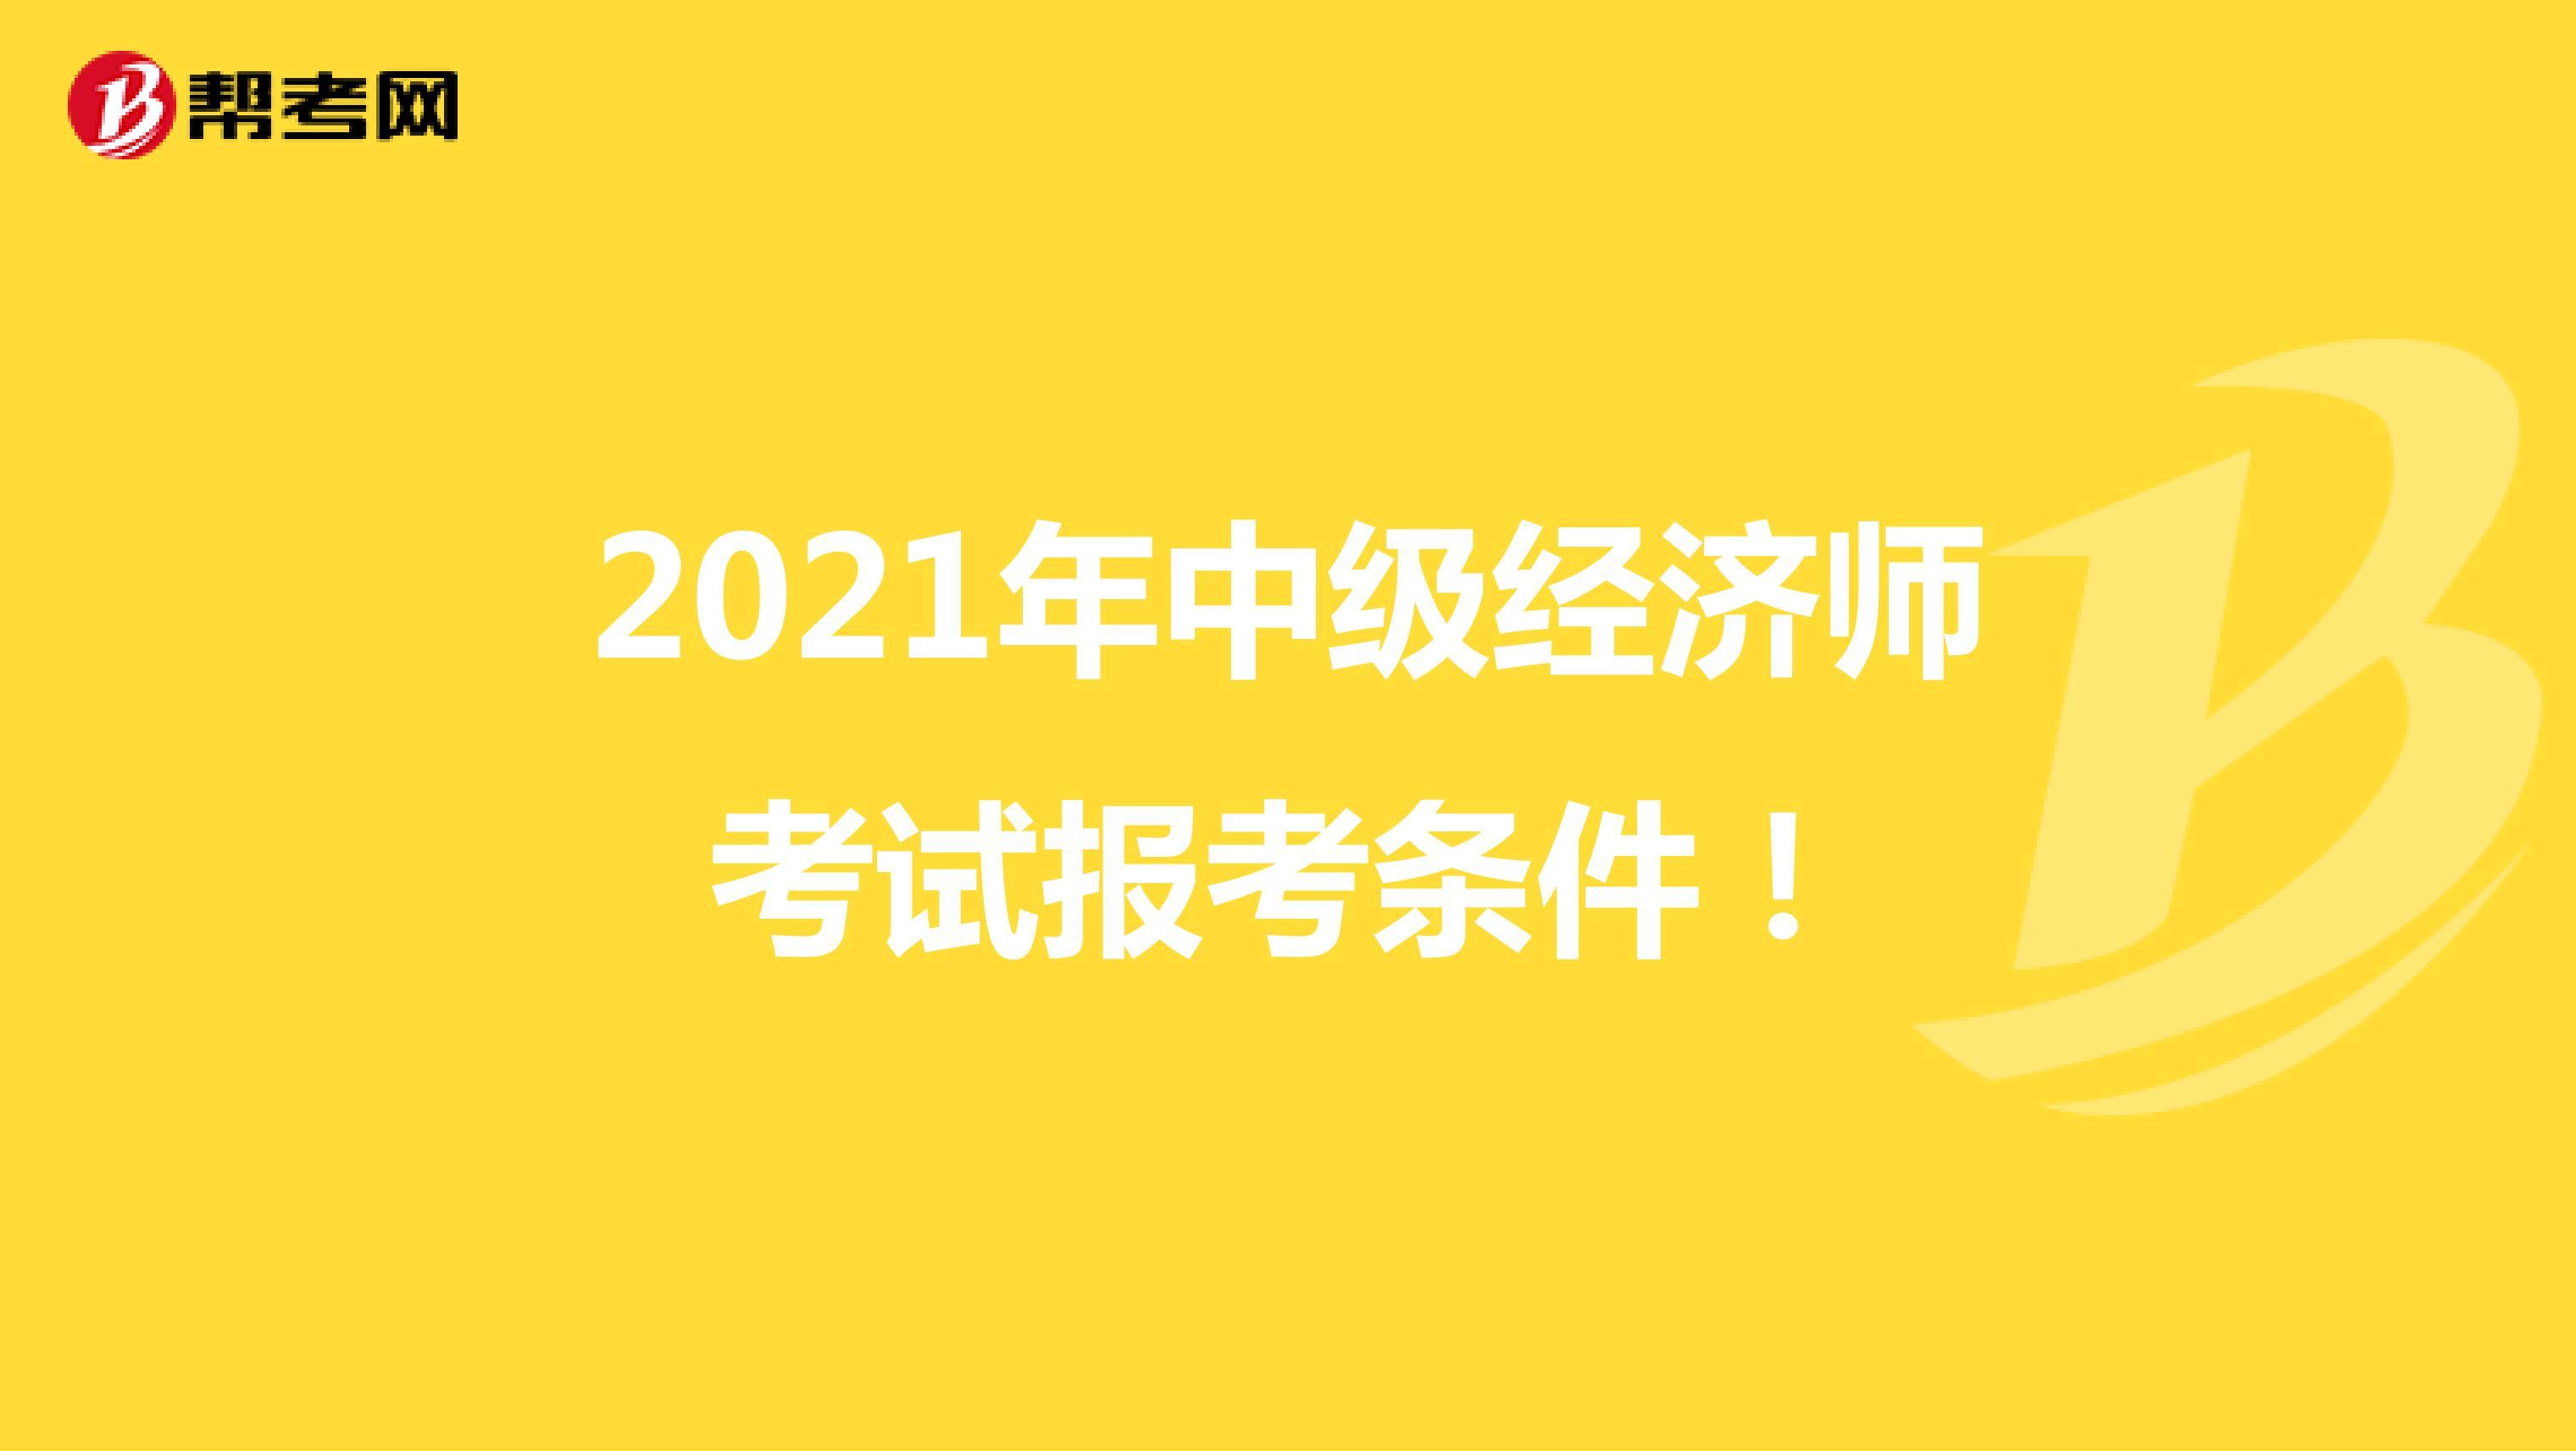 2021年中级经济师考试报考条件!